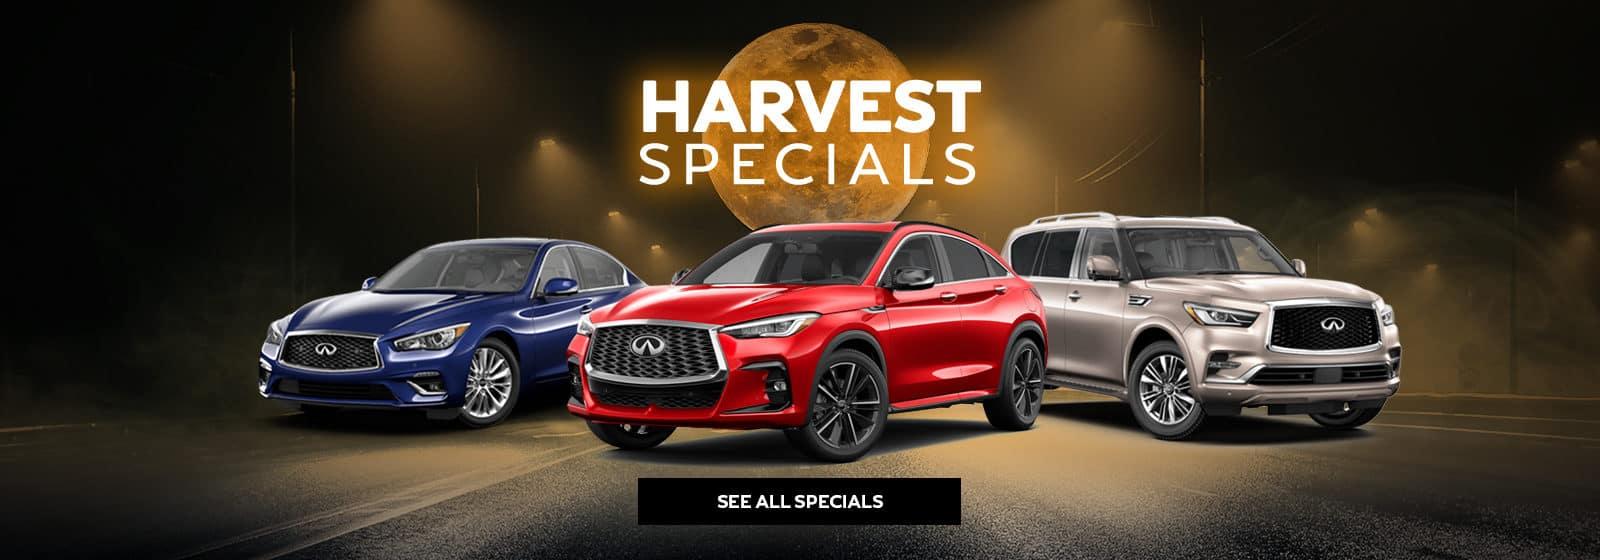 Holman INFINITI October specials showing three INFINITI models